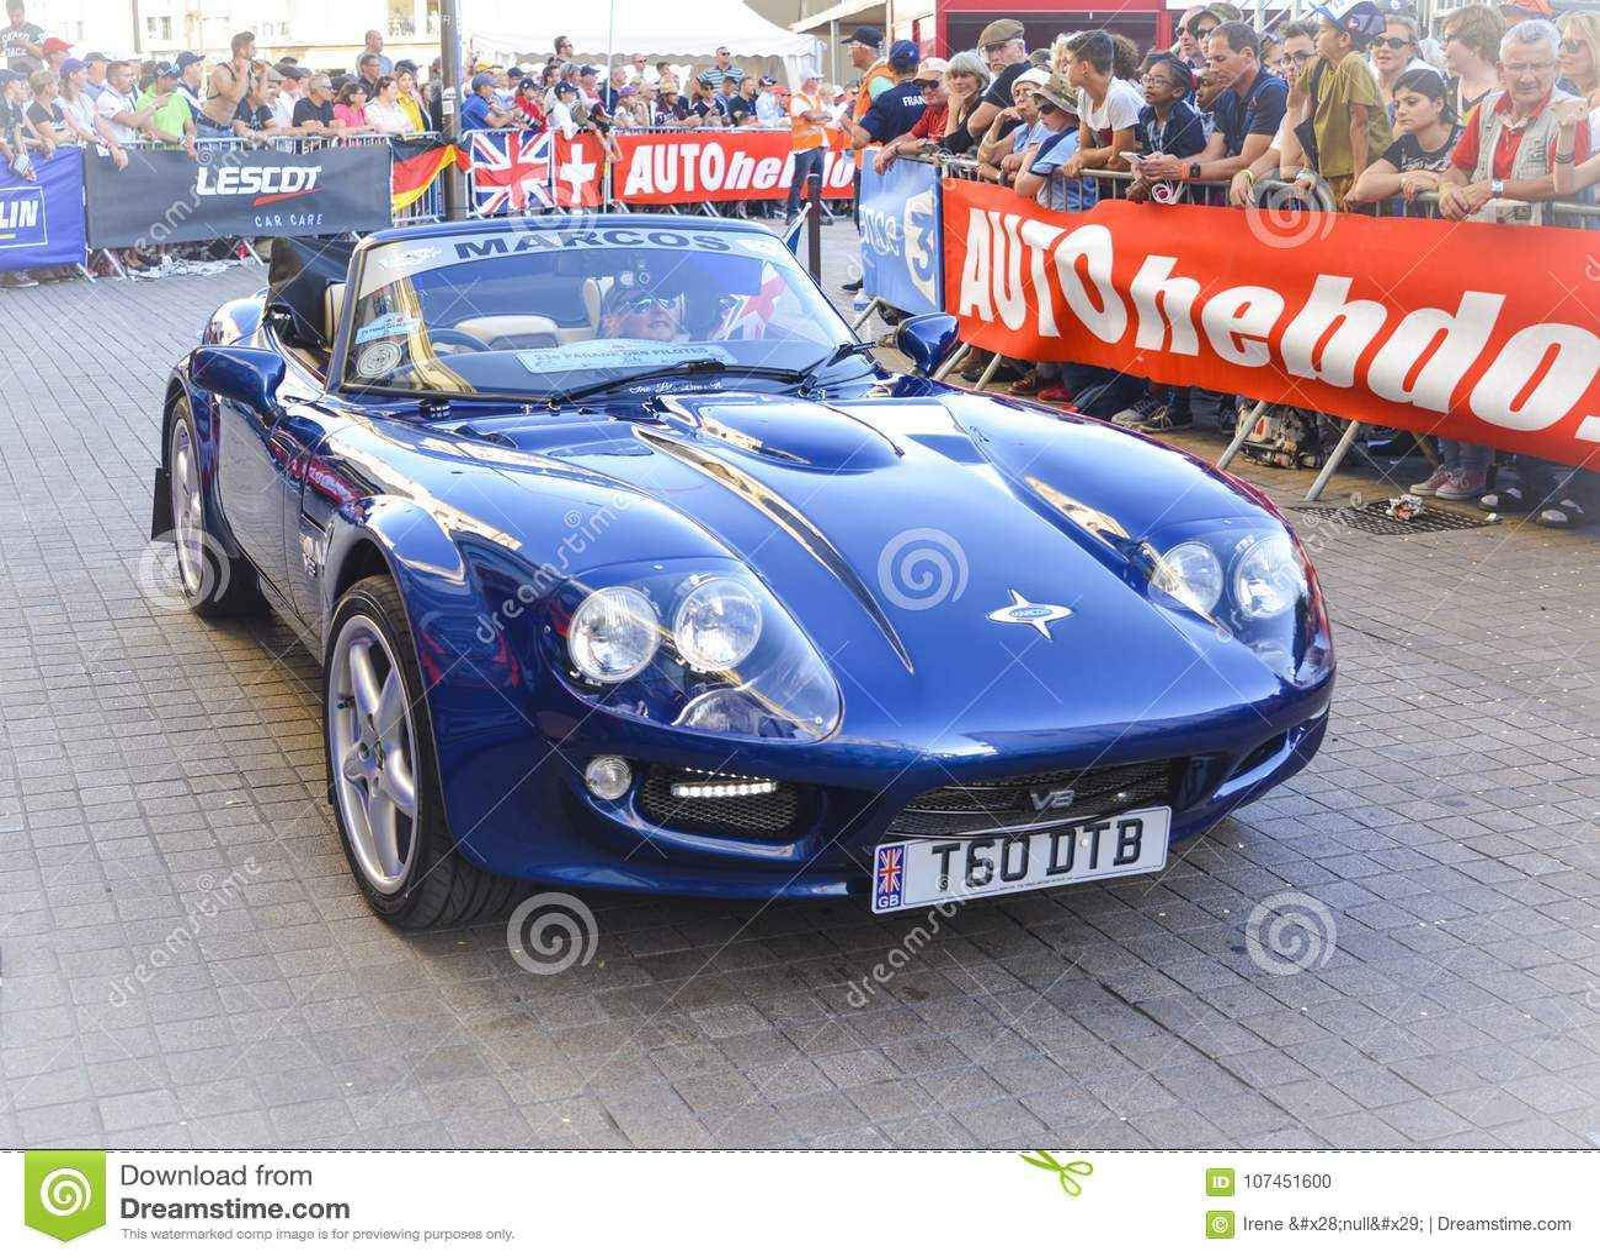 LE MANS, FRANKRIJK - JUNI 16, 2017: De sportwagen Marcos is Engelse auto wordt voorgesteld bij de parade van loodsen die 24 uren